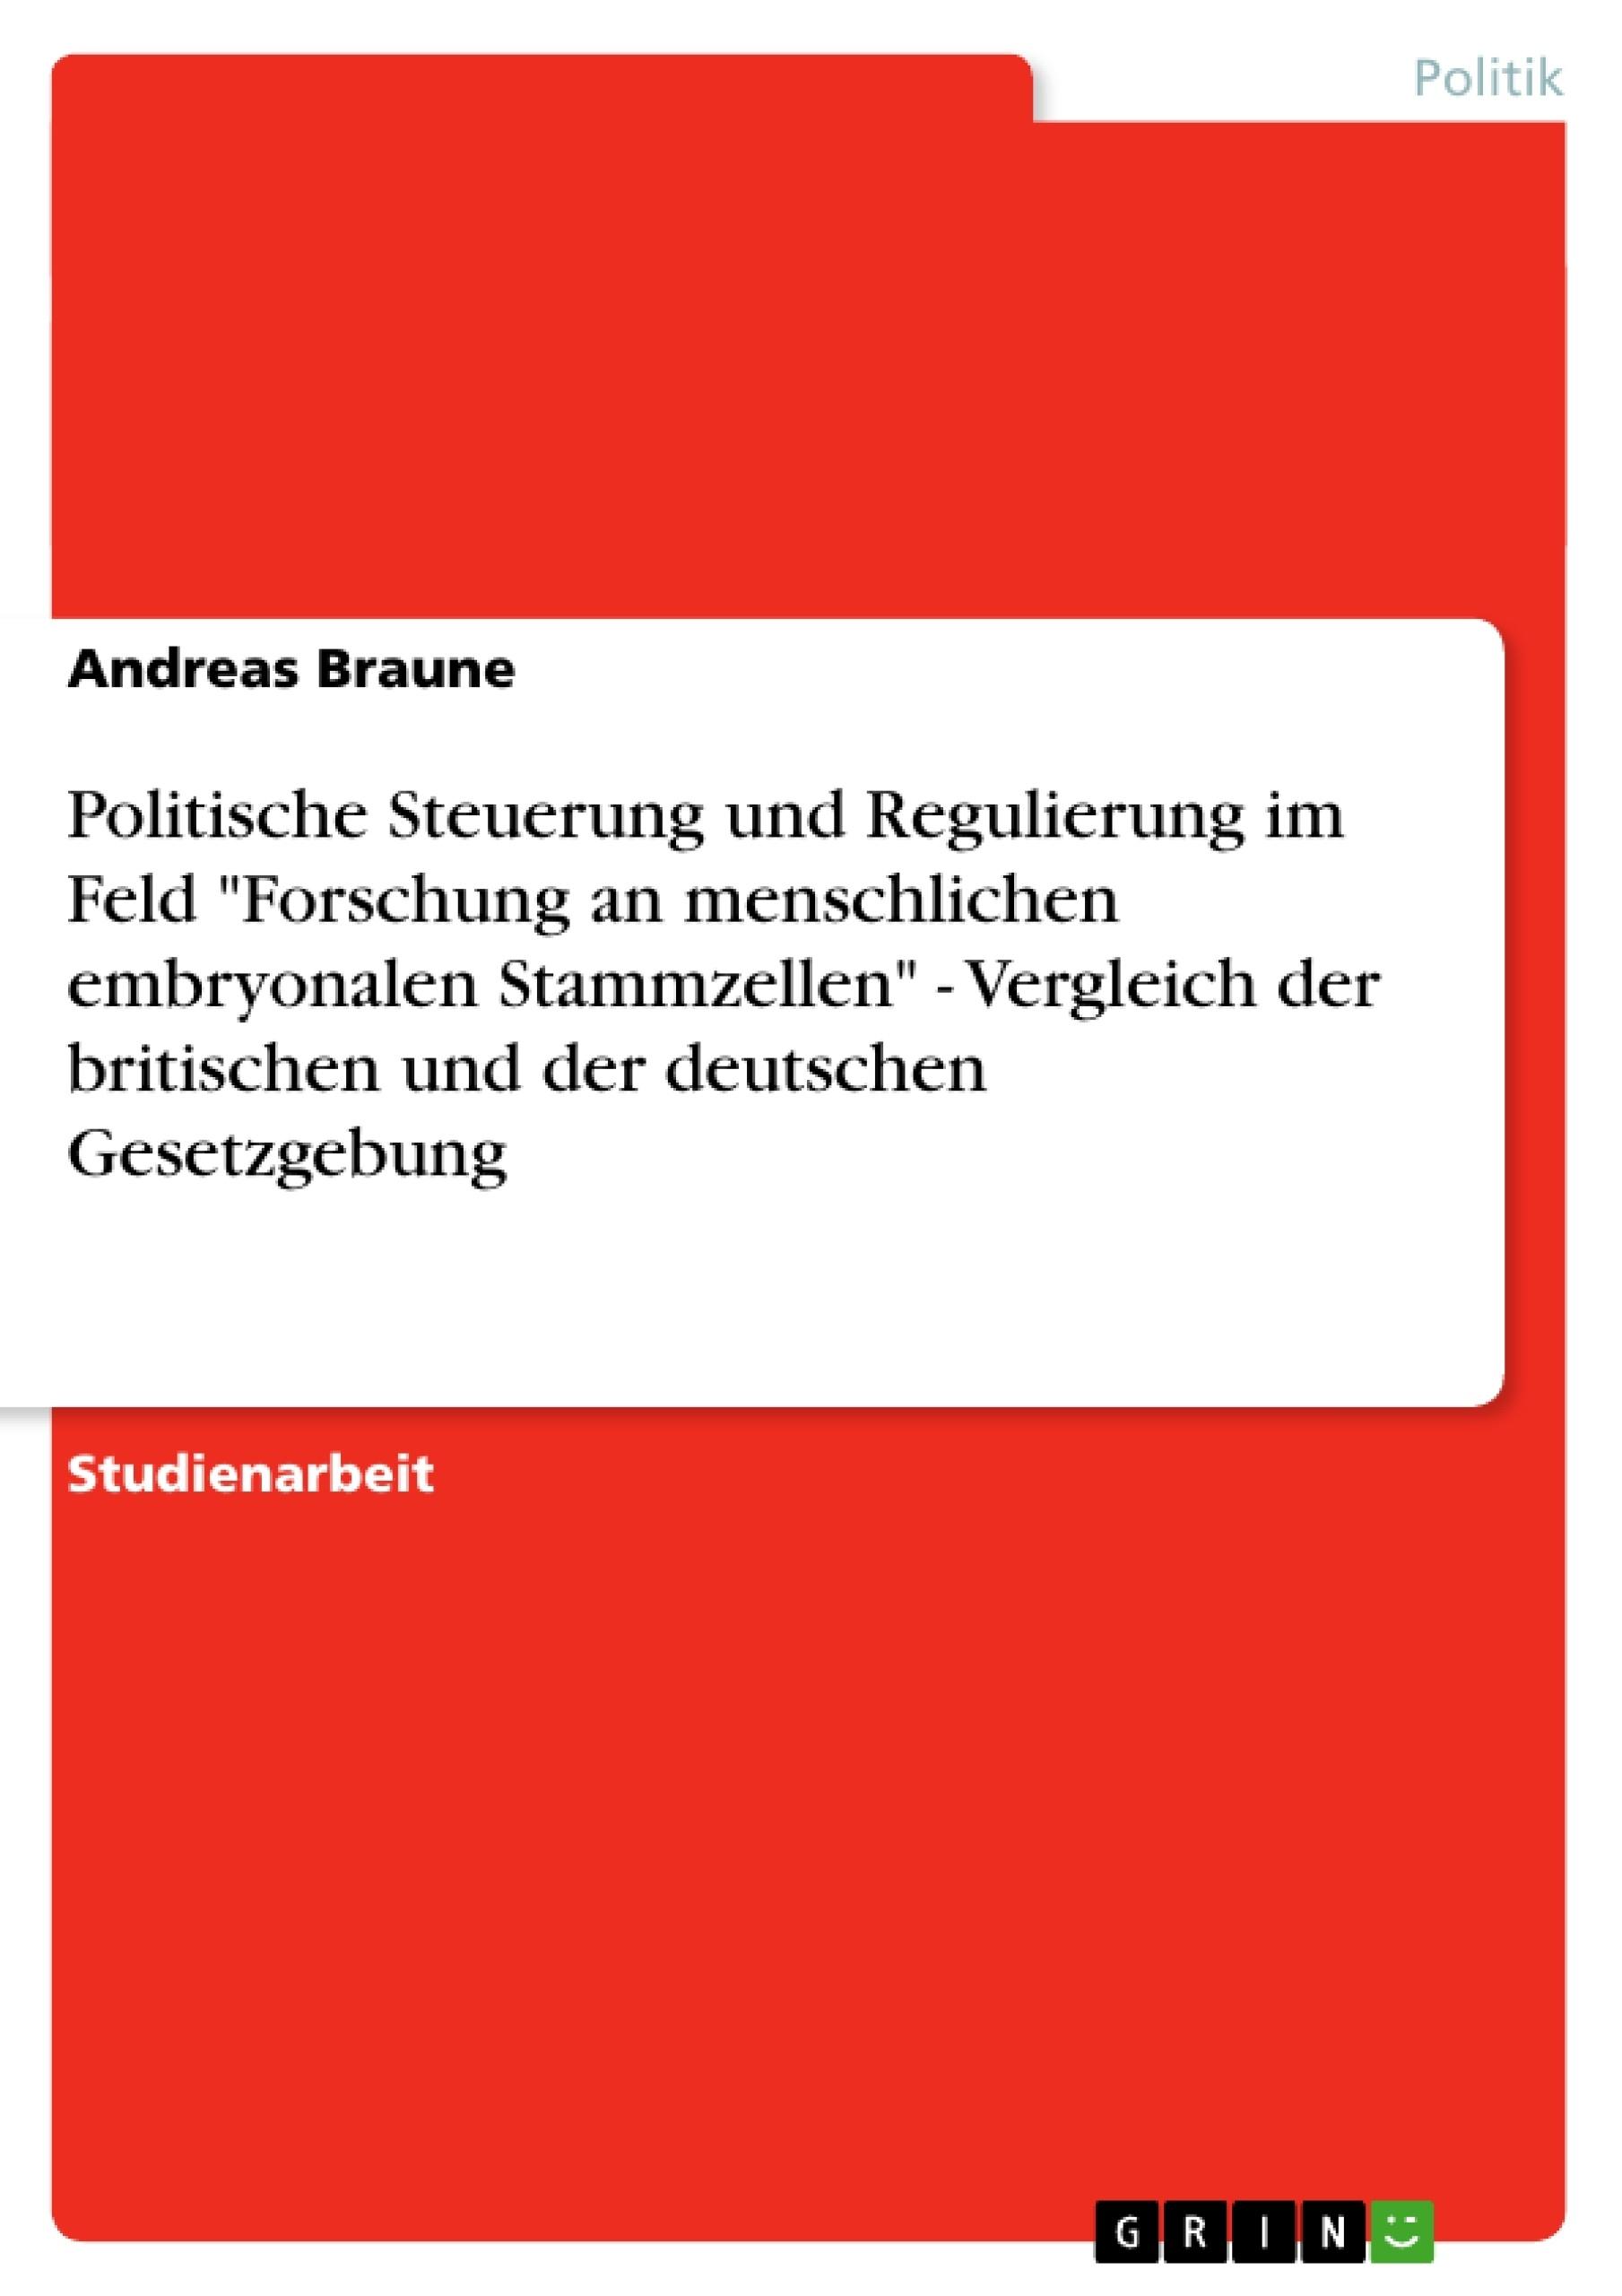 """Titel: Politische Steuerung und Regulierung im Feld """"Forschung an menschlichen embryonalen Stammzellen"""" - Vergleich der britischen und der deutschen Gesetzgebung"""